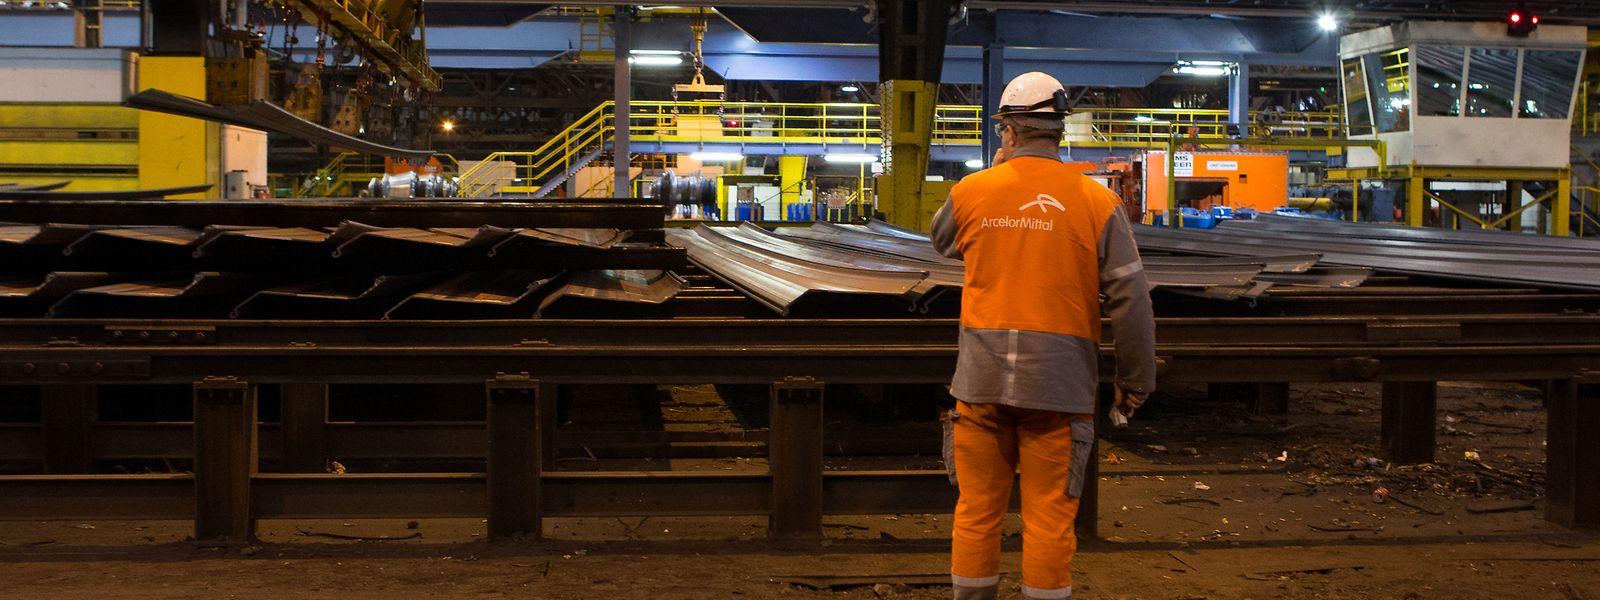 Selon les annonces de la direction, 578 emplois sont menacés sur les sites luxembourgeois d'ArcelorMittal. Soit 15% des effectifs totaux.